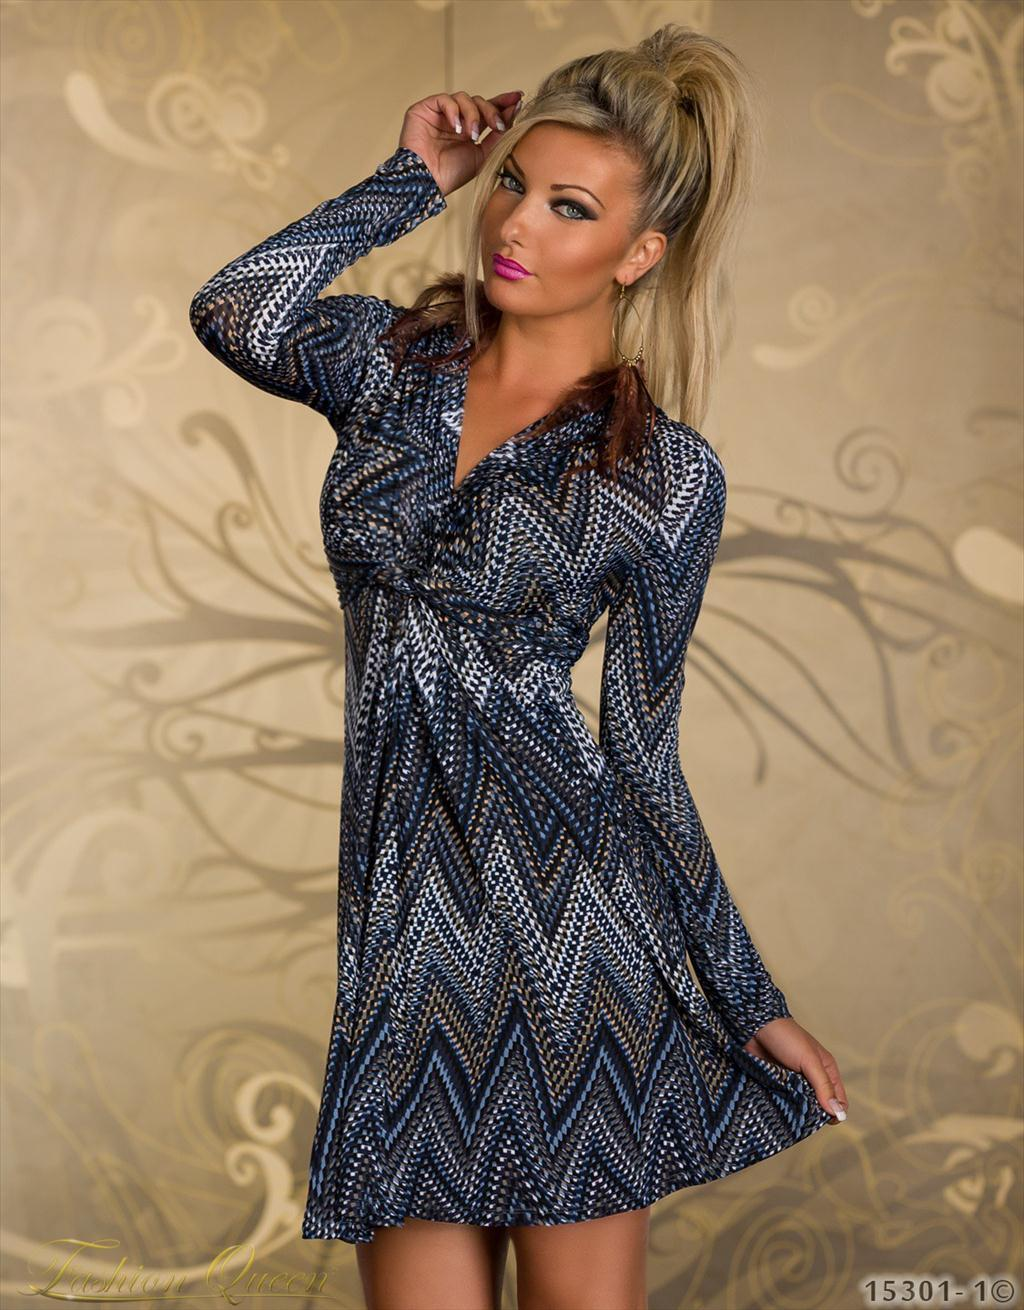 c94a58701213 Fashion Queen - Dámske oblečenie a móda - Šaty (dlhý rukáv)